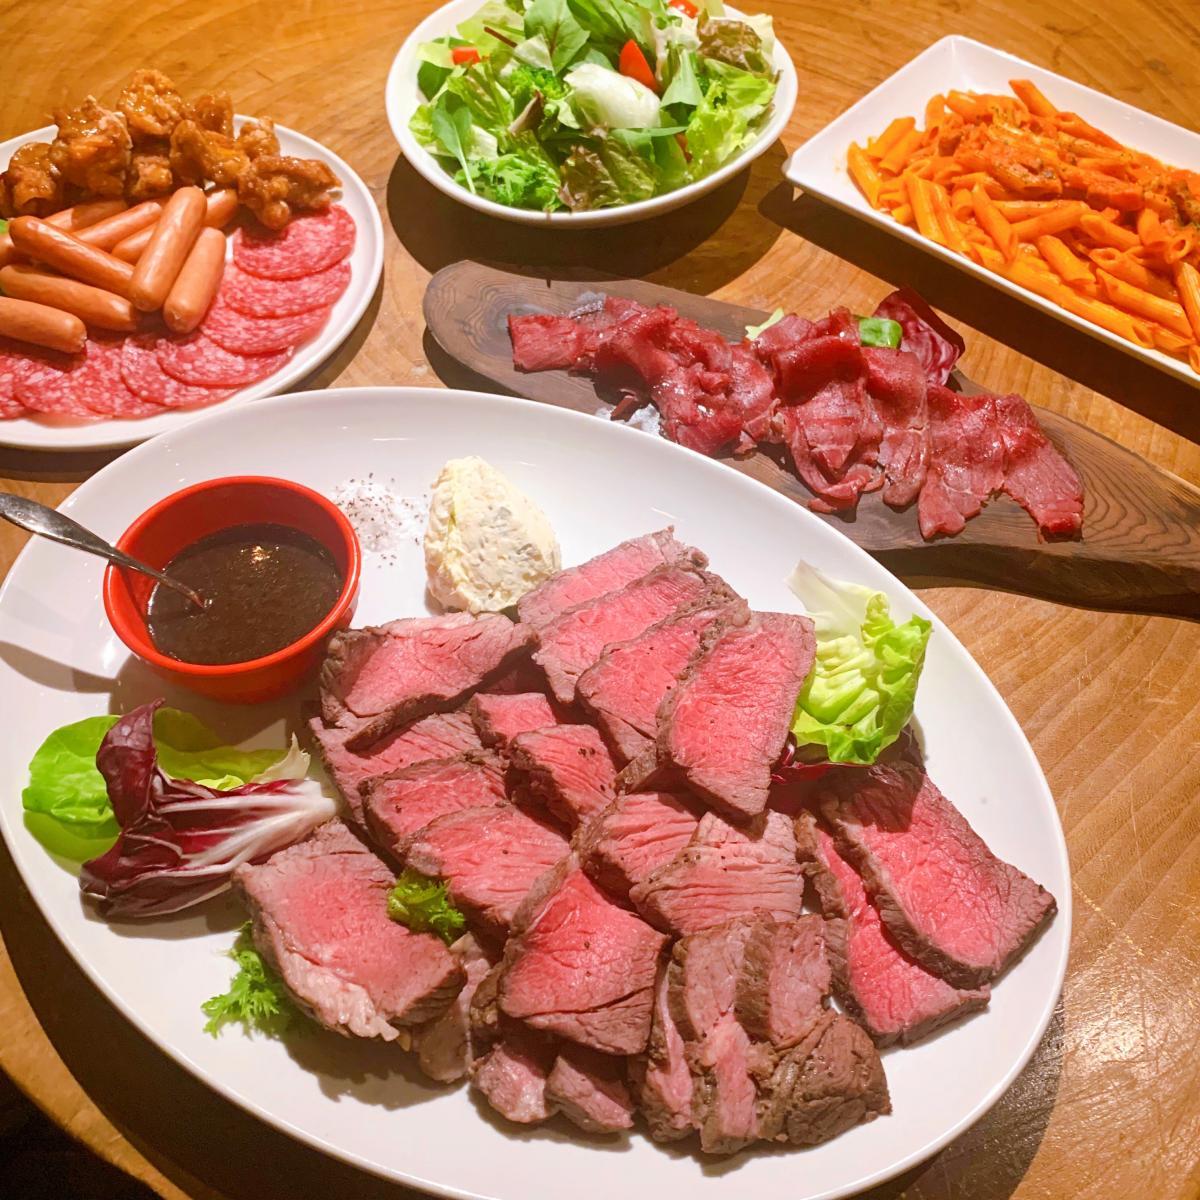 【お肉増量】肉バルコースのイメージ